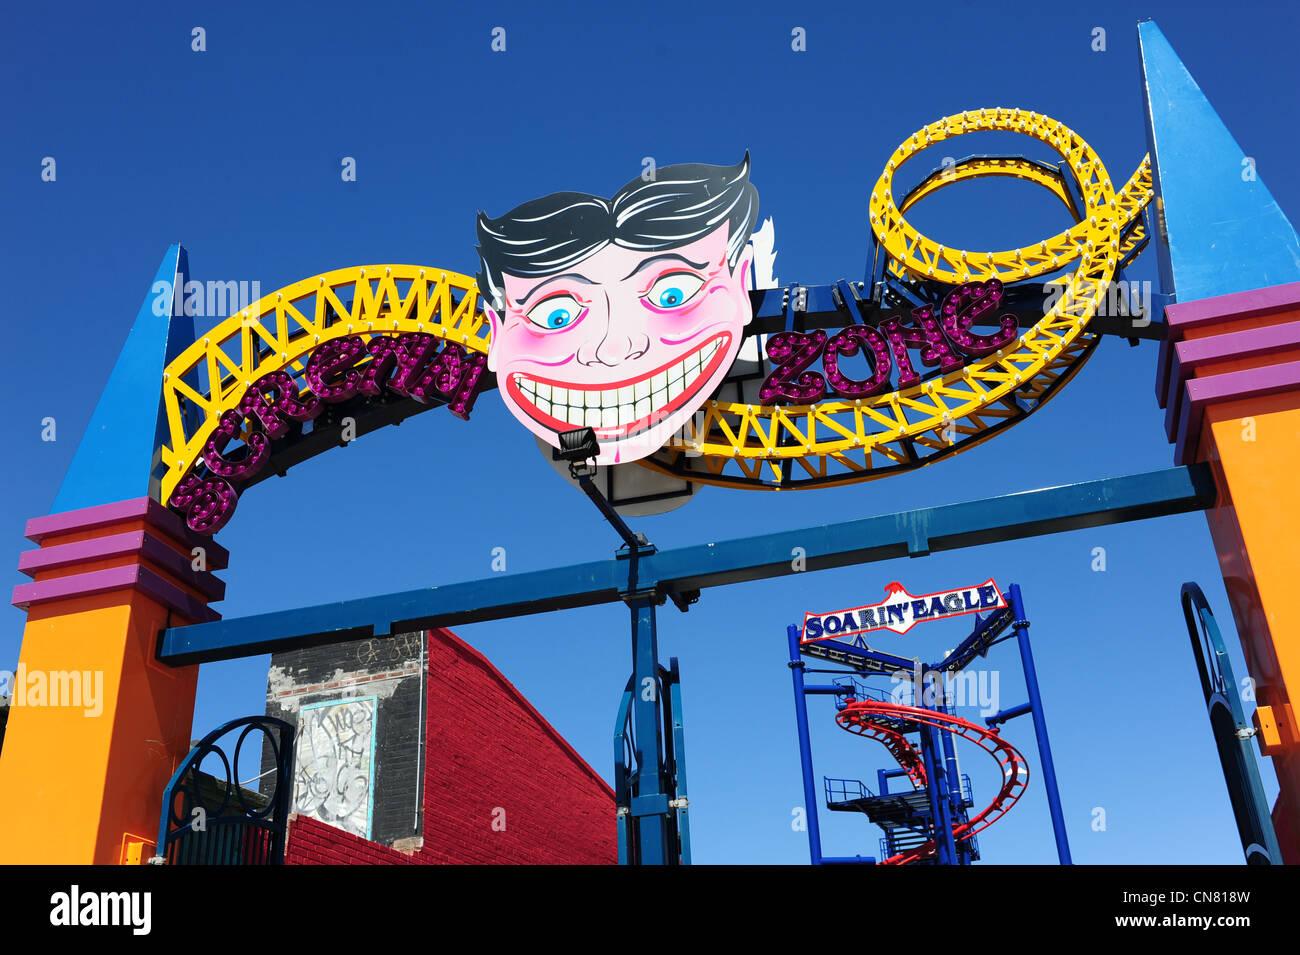 USA New York City NY NYC Brooklyn Coney Island amusement park and beach The Soarin' Eagle coaster - Stock Image